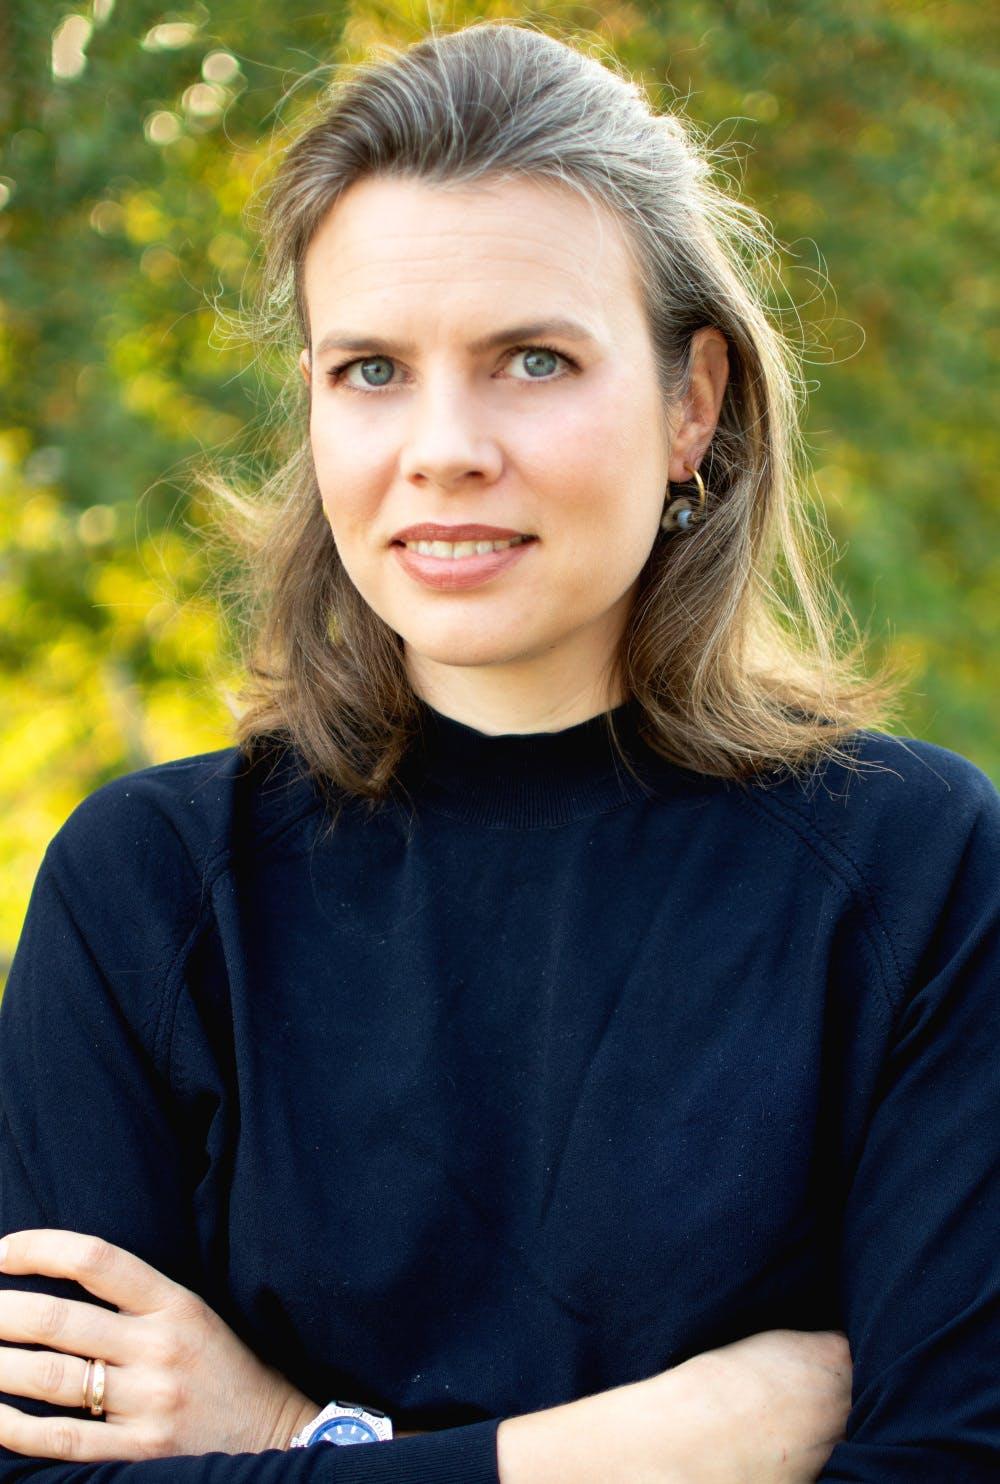 Philippa Köhnk